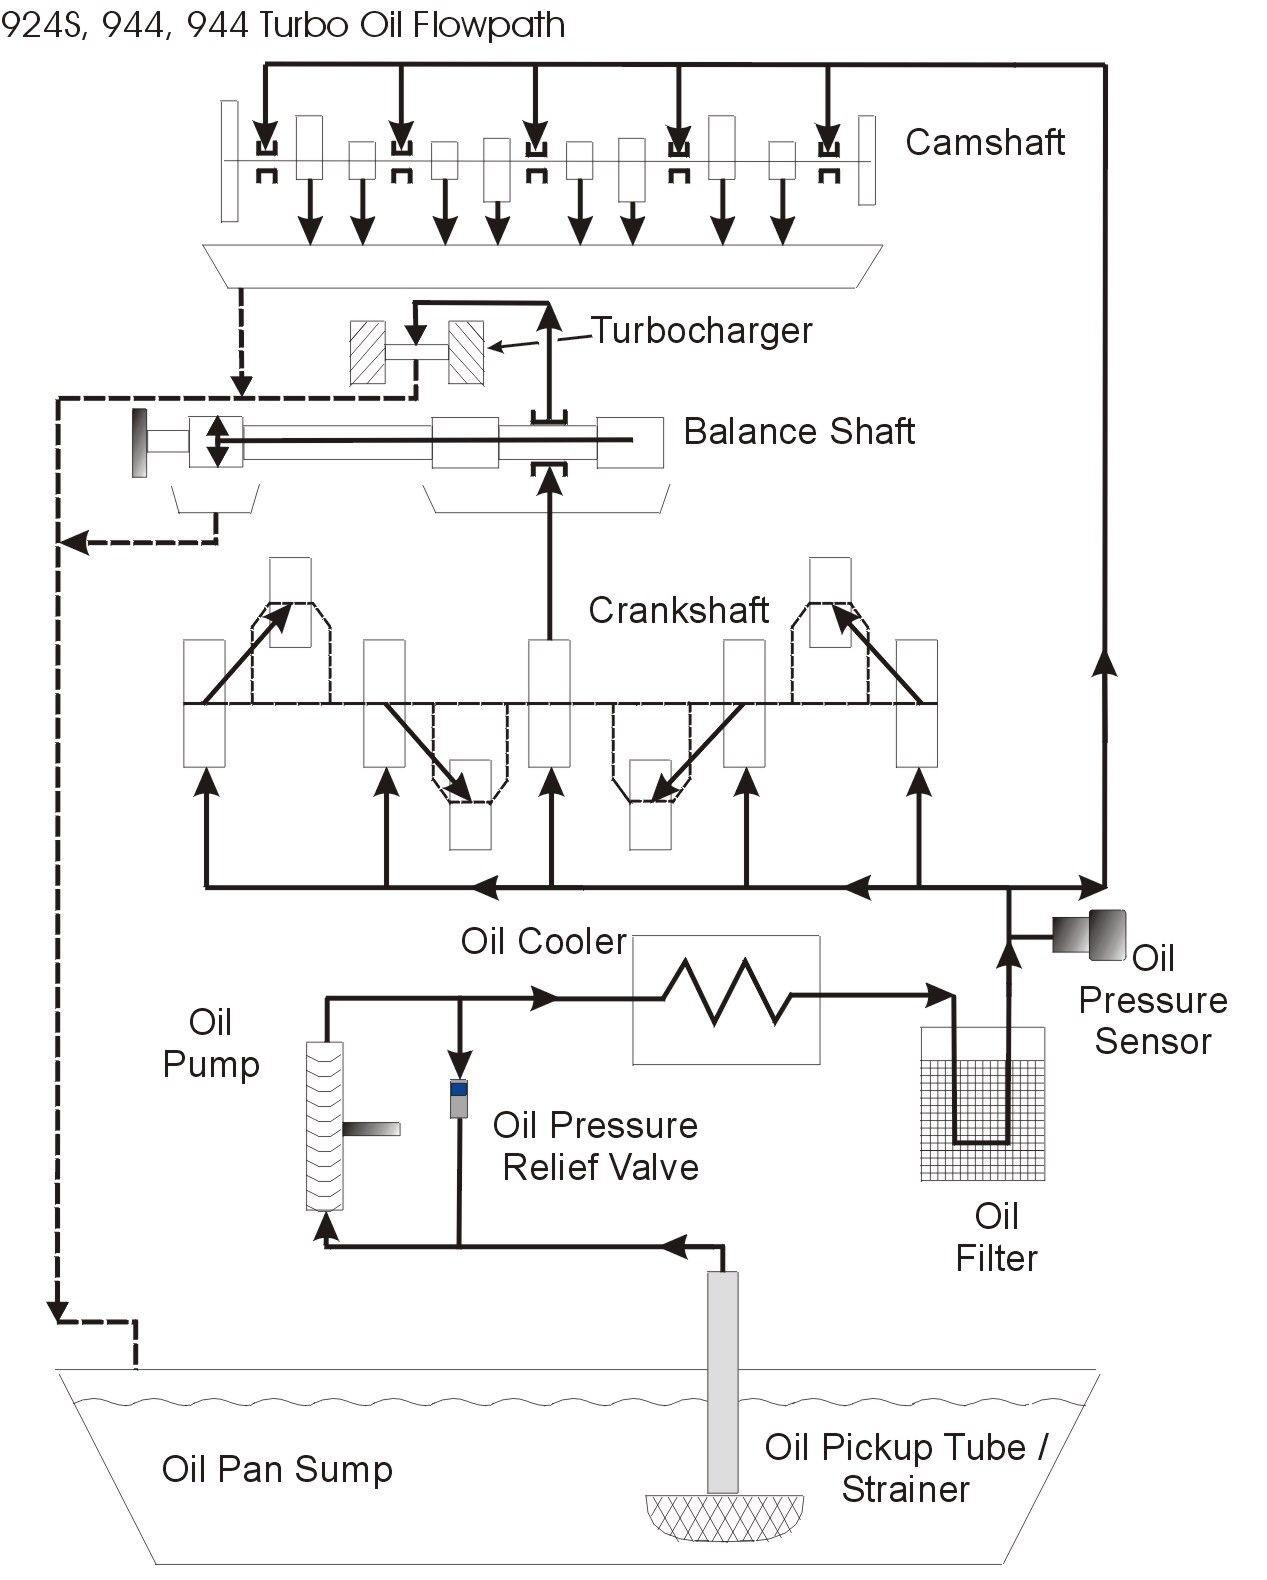 Engine Lubrication System Diagram Porsche 944 Engine Oil Flow Porsche Transaxles Pinterest Of Engine Lubrication System Diagram